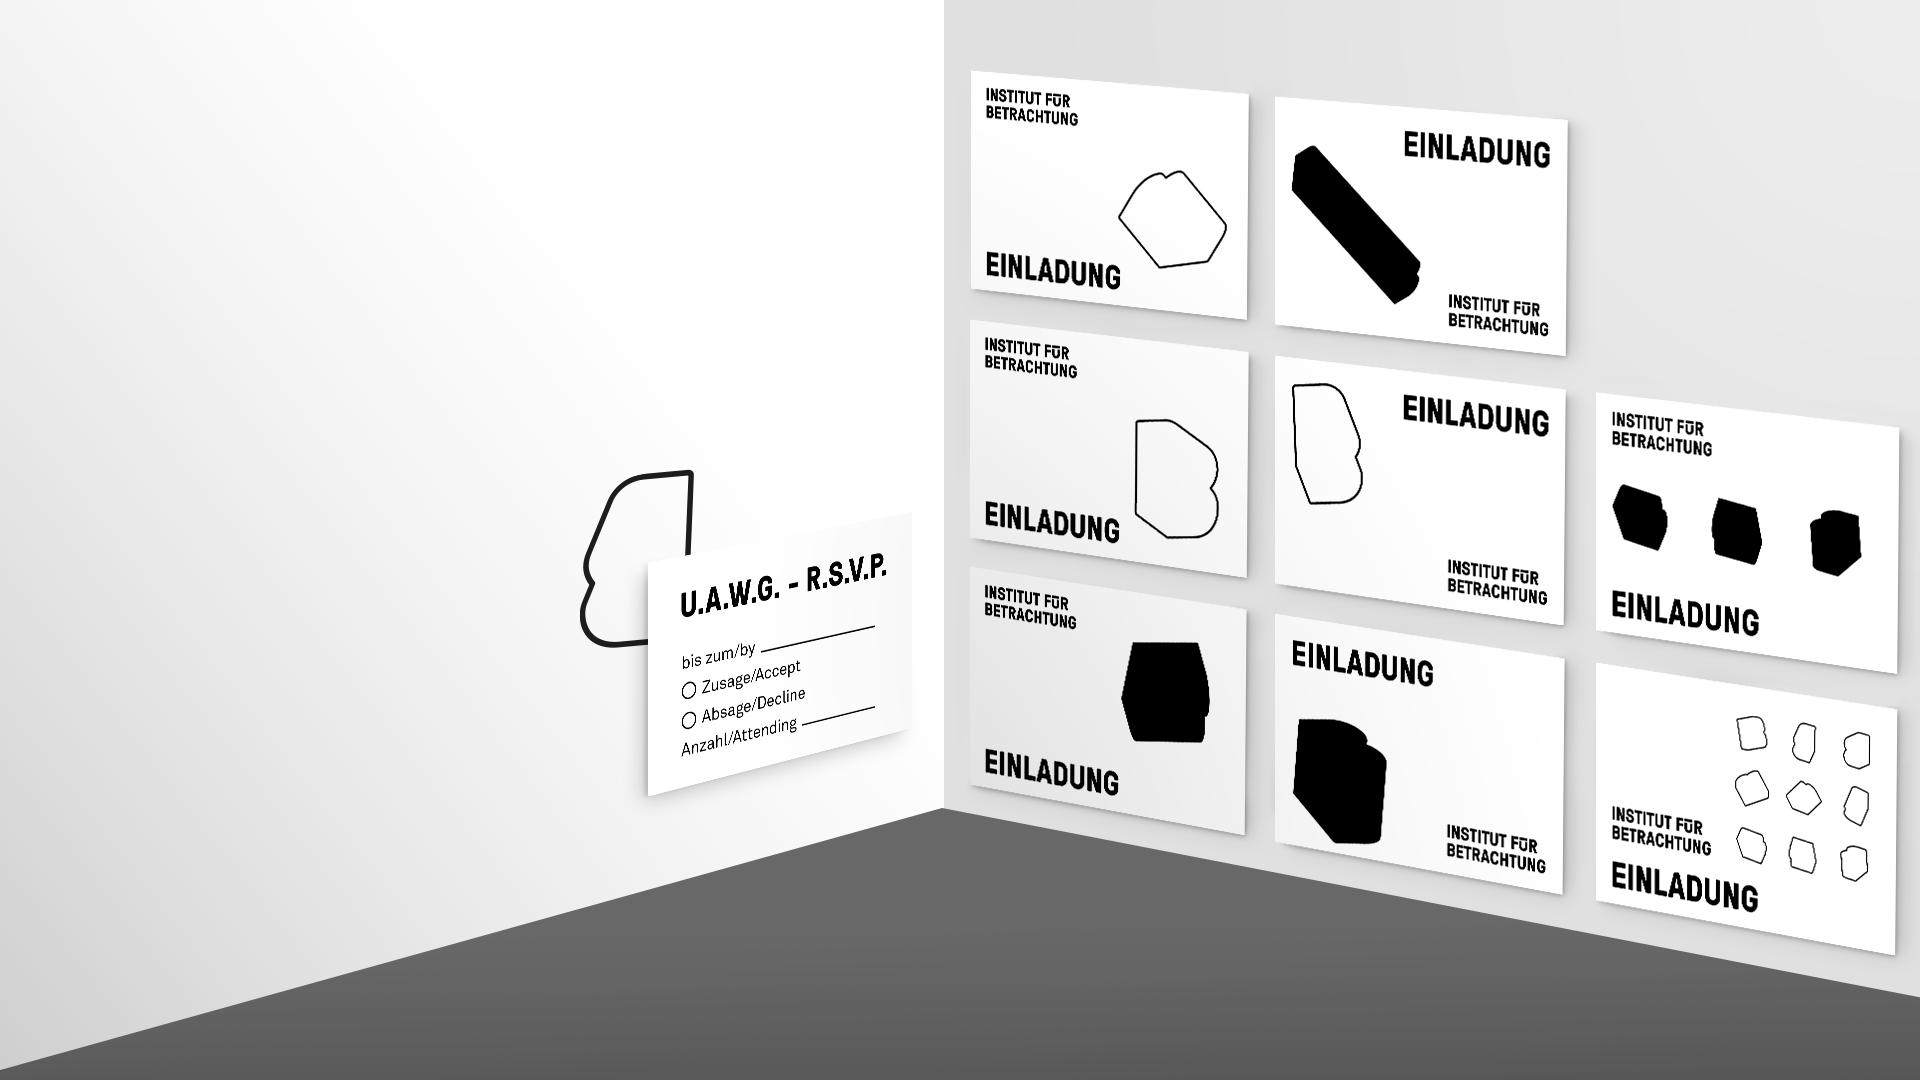 Entwürfe für Einladungskarten des Instituts für Betrachtung.